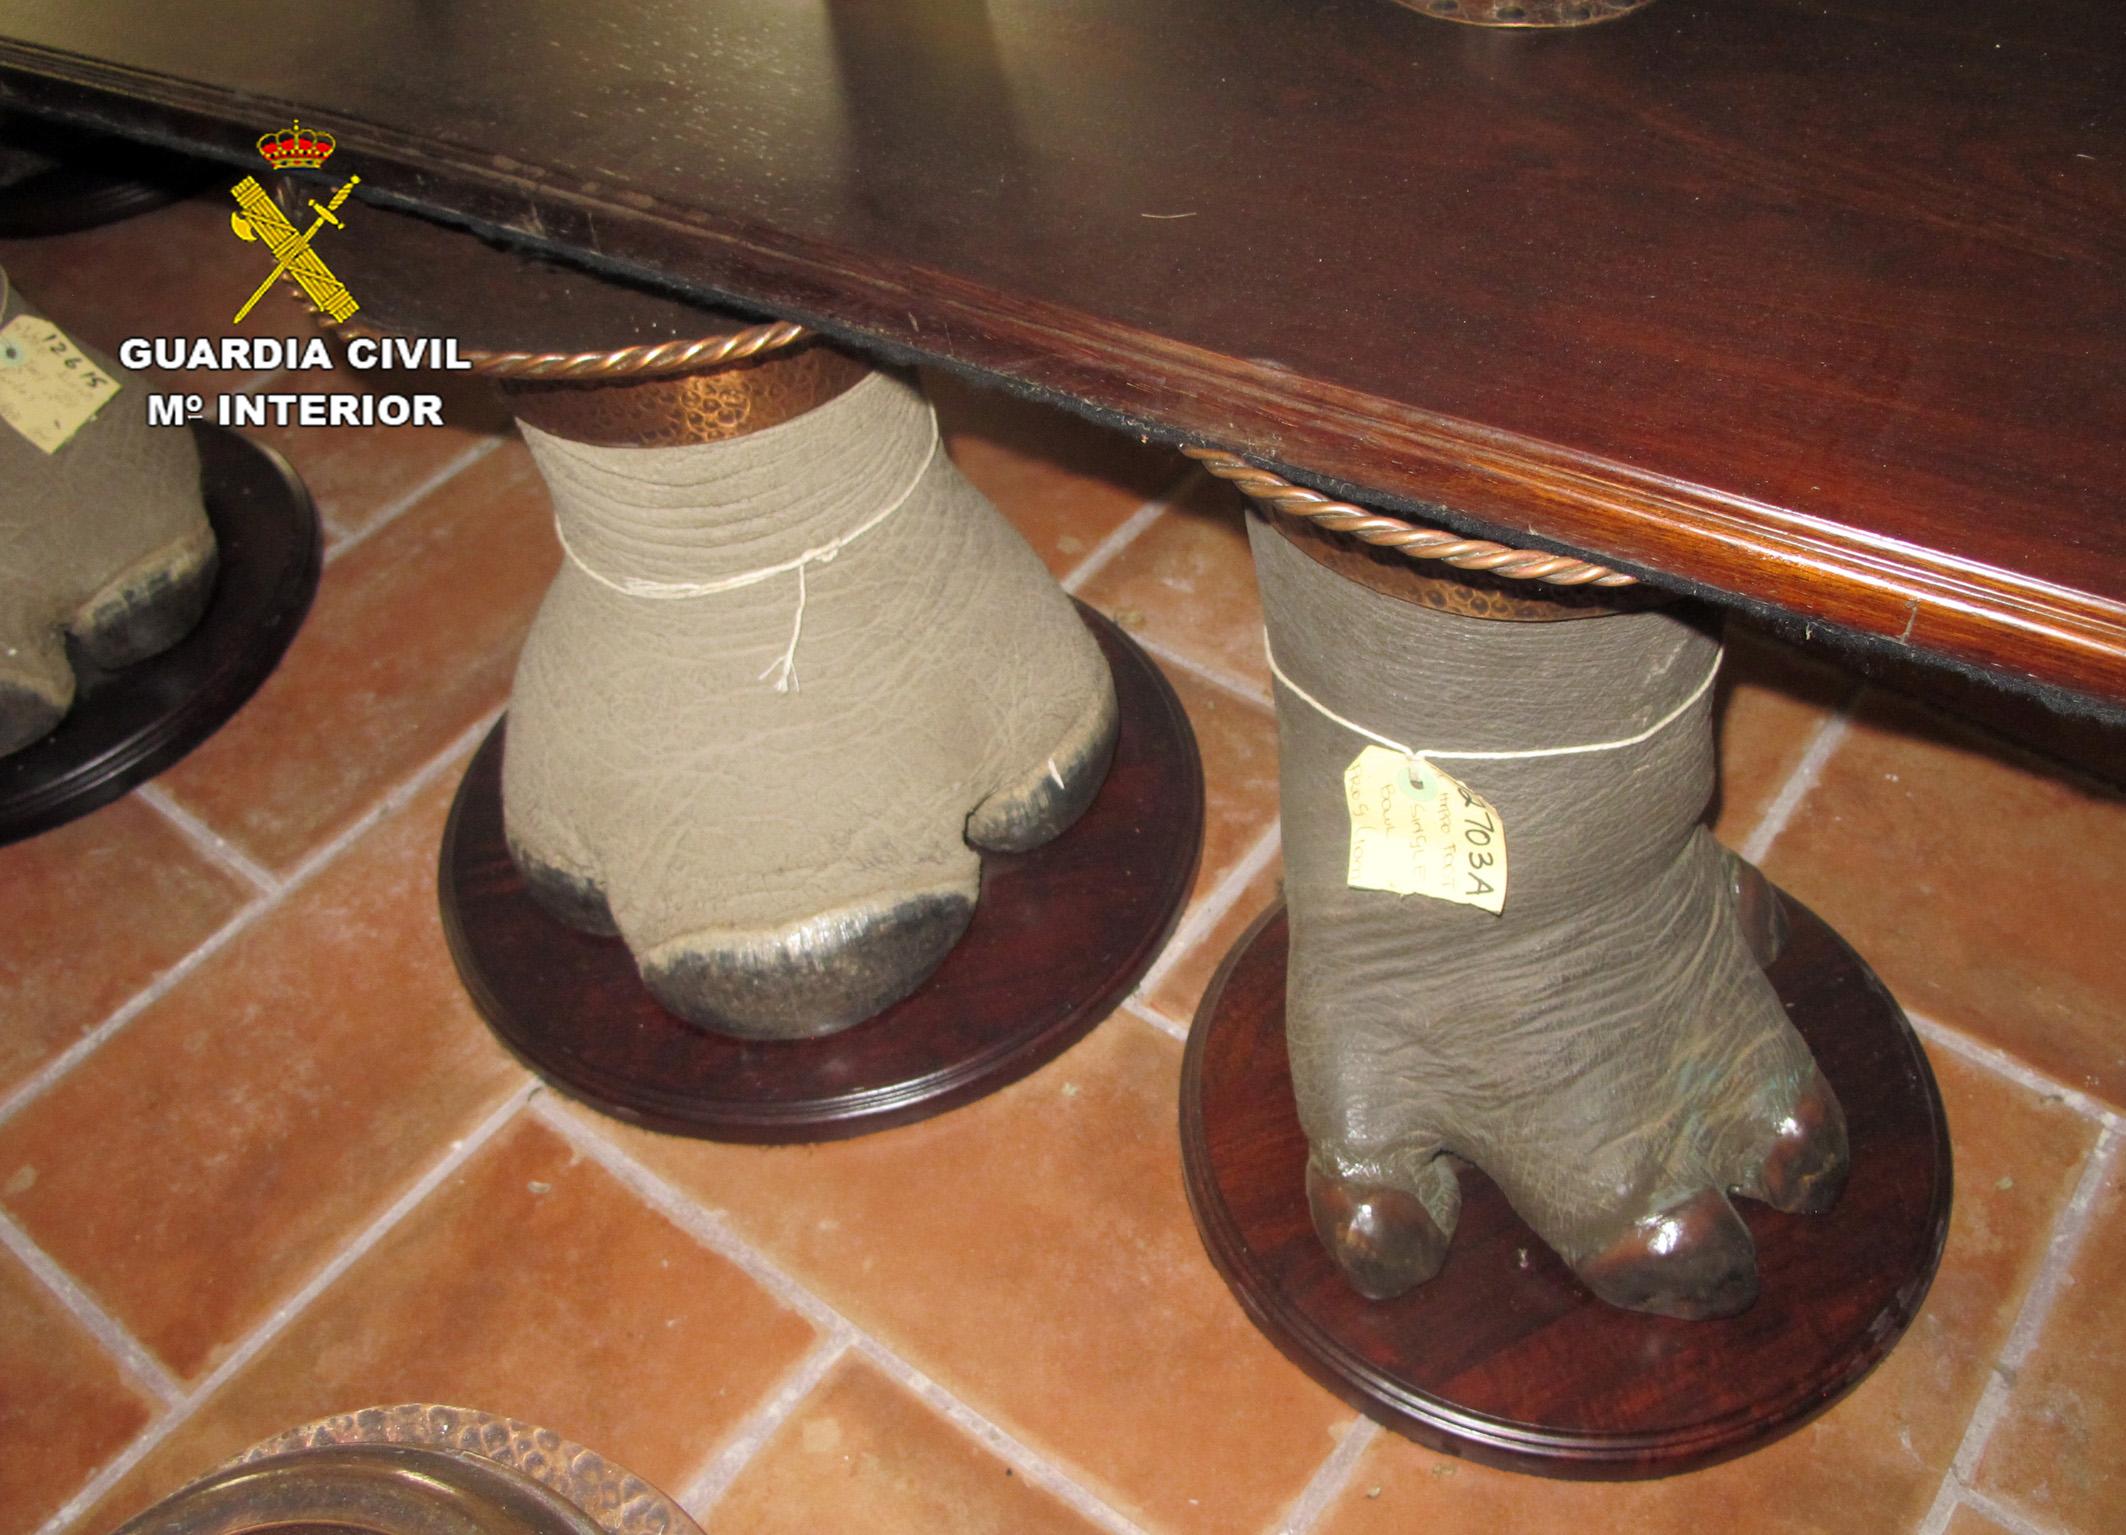 Pies de elefante situados bajo un mueble. Imagen: Seprona